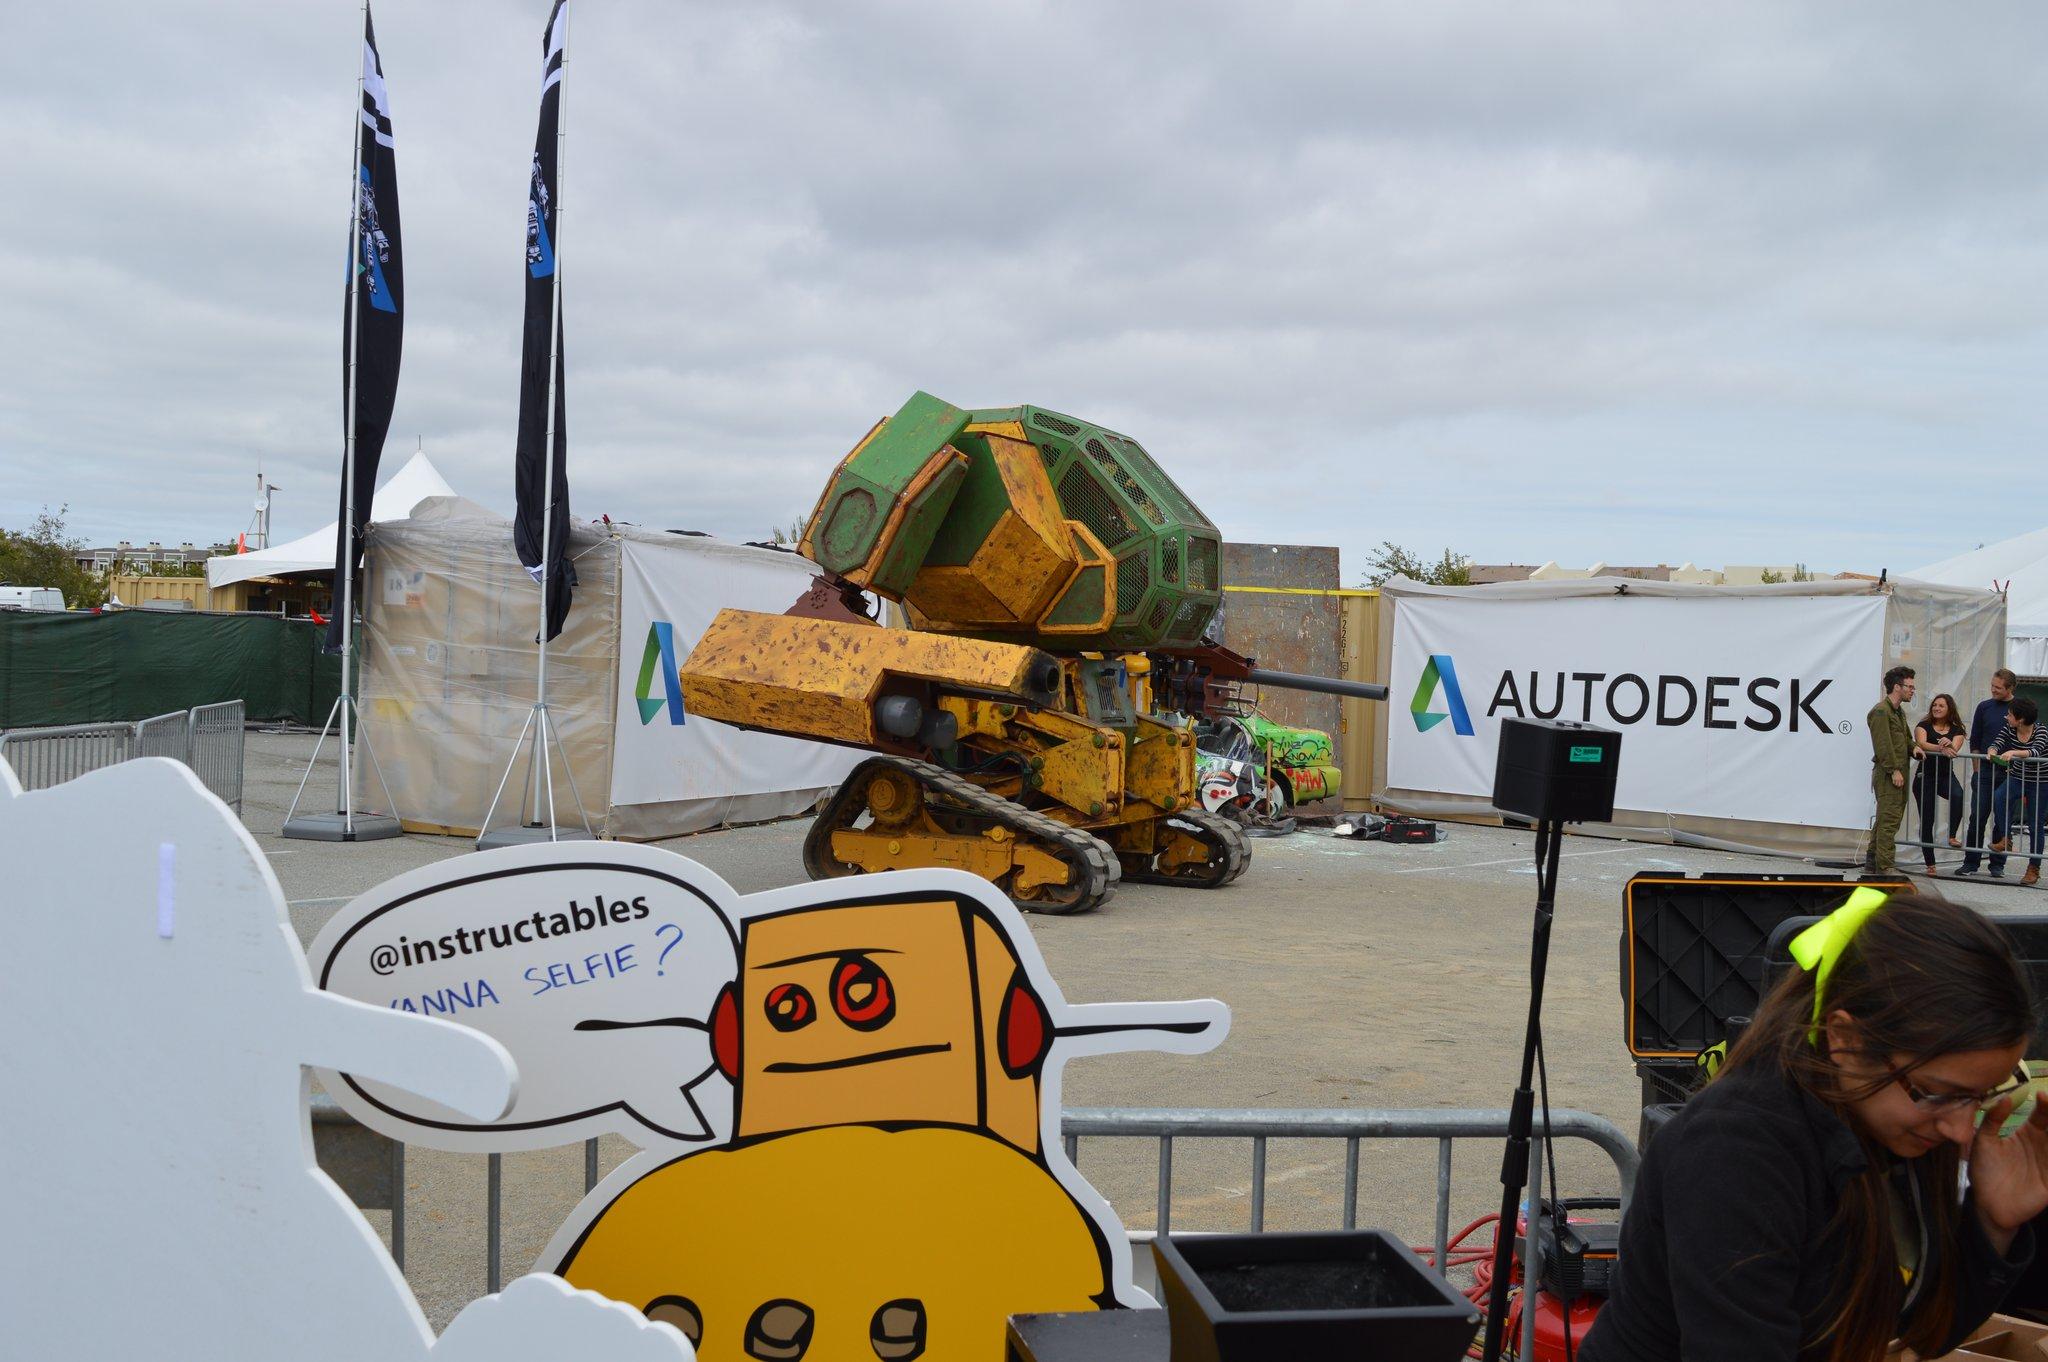 MF15 - Big robots!